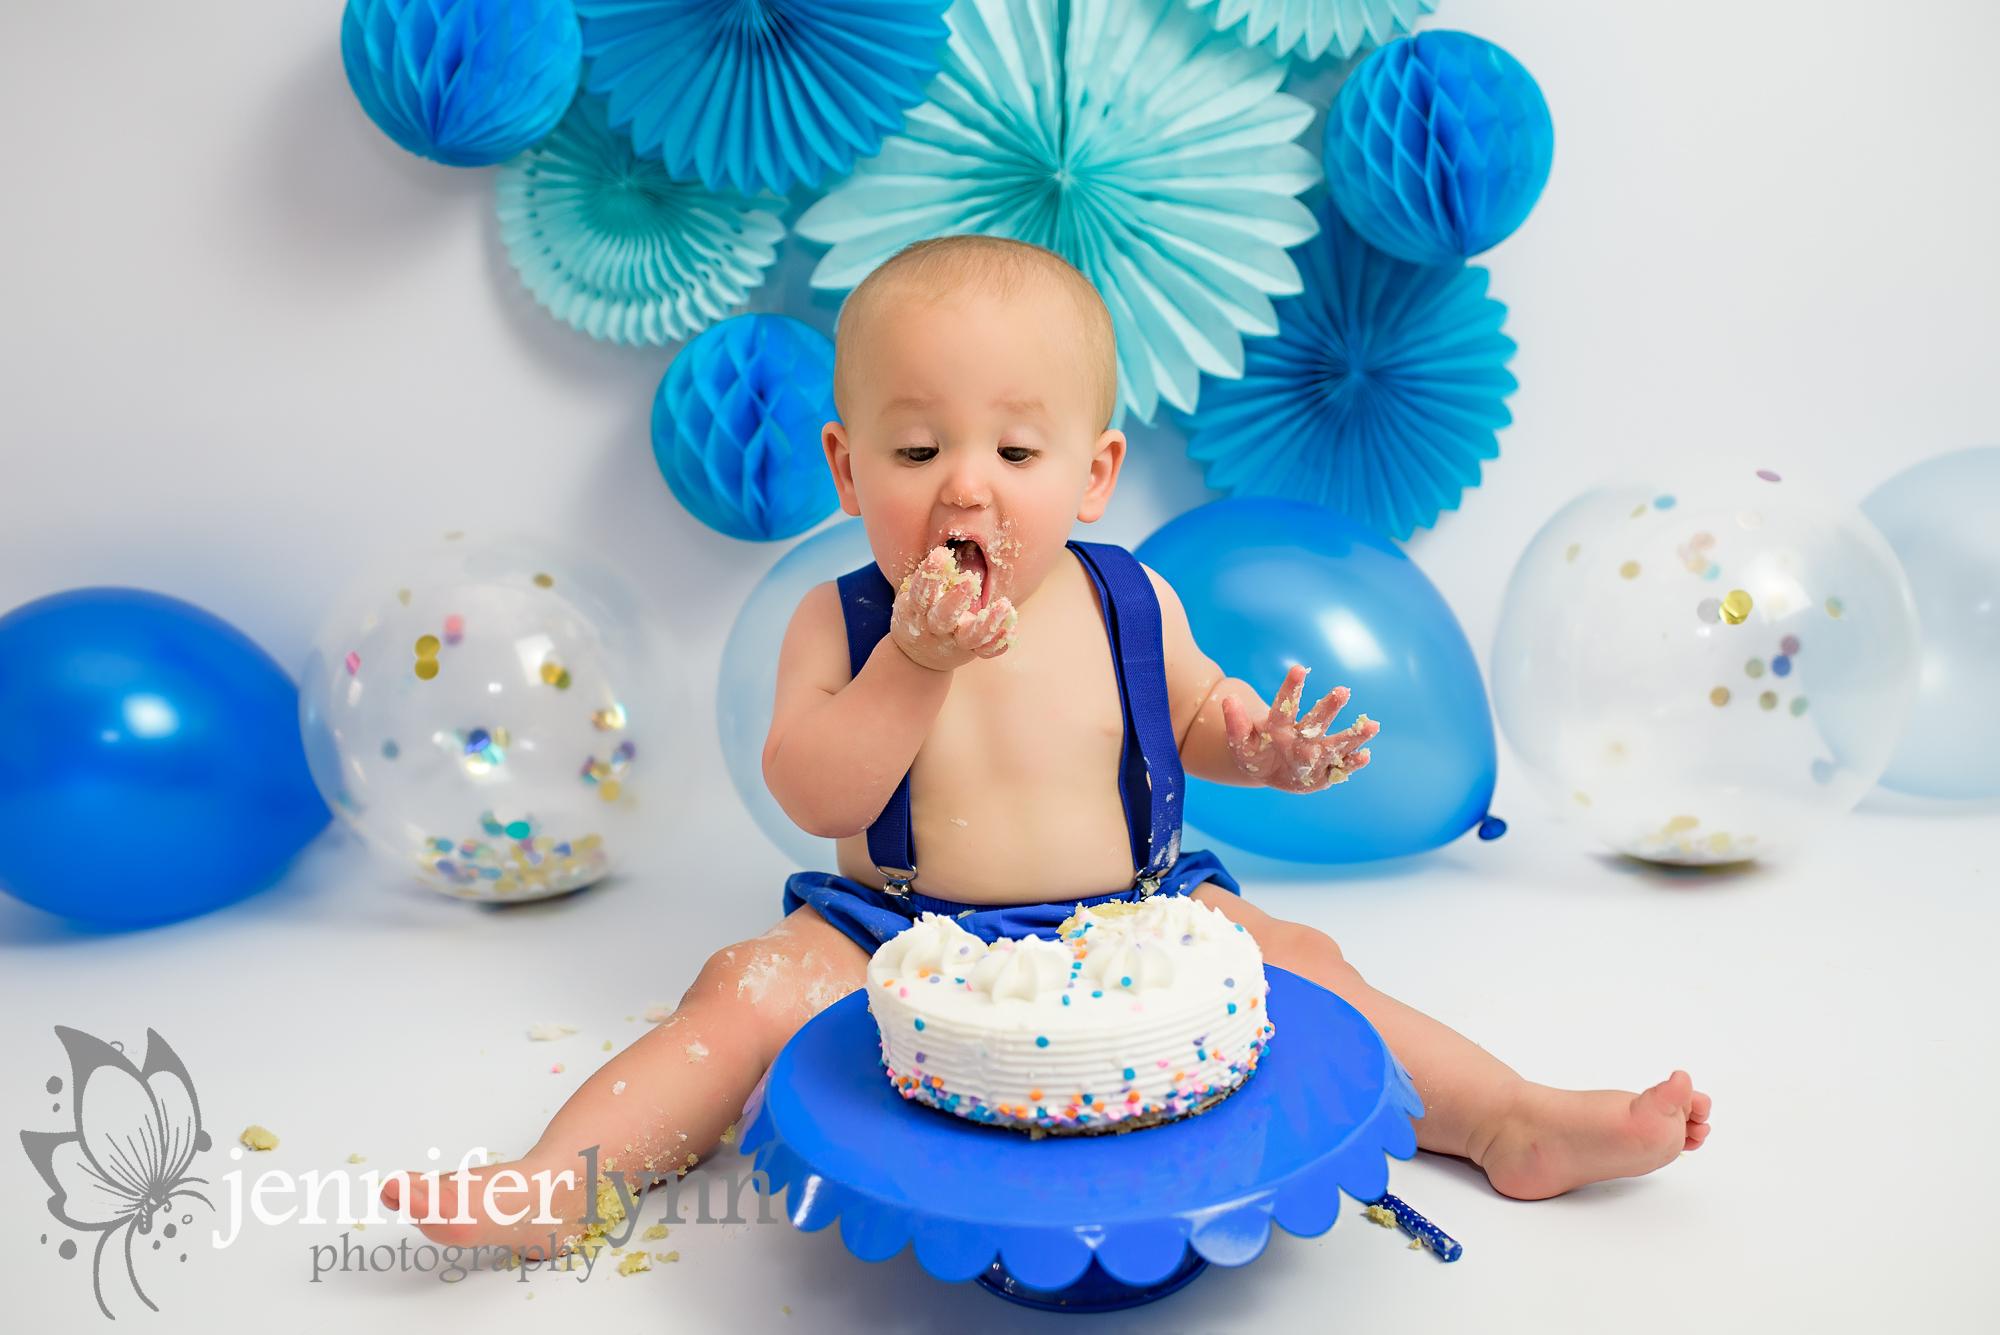 Eating Cake during the Cake Smash